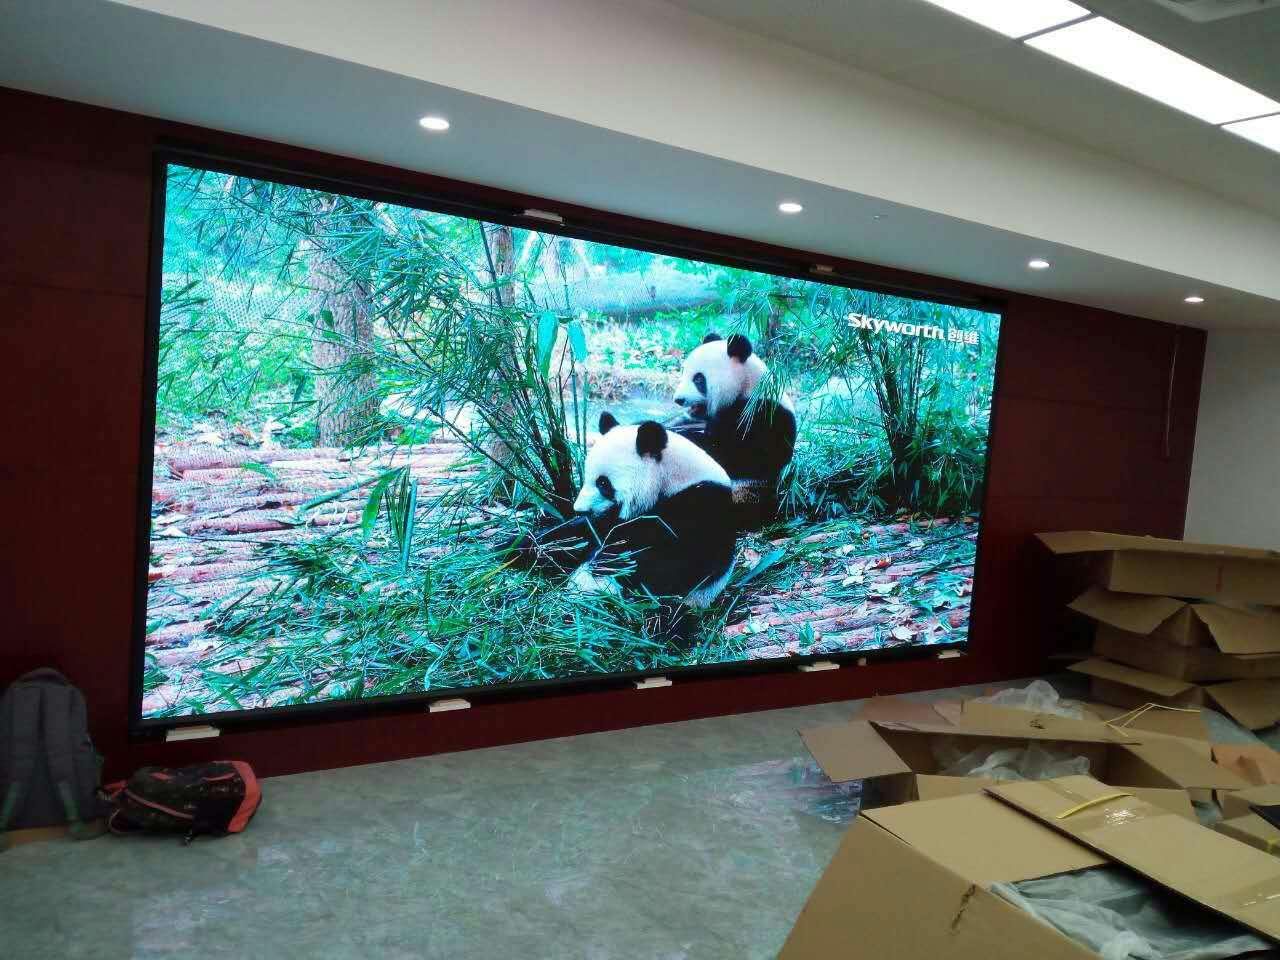 阜阳自动LED透明屏 信息推荐 合肥龙发智能科技供应